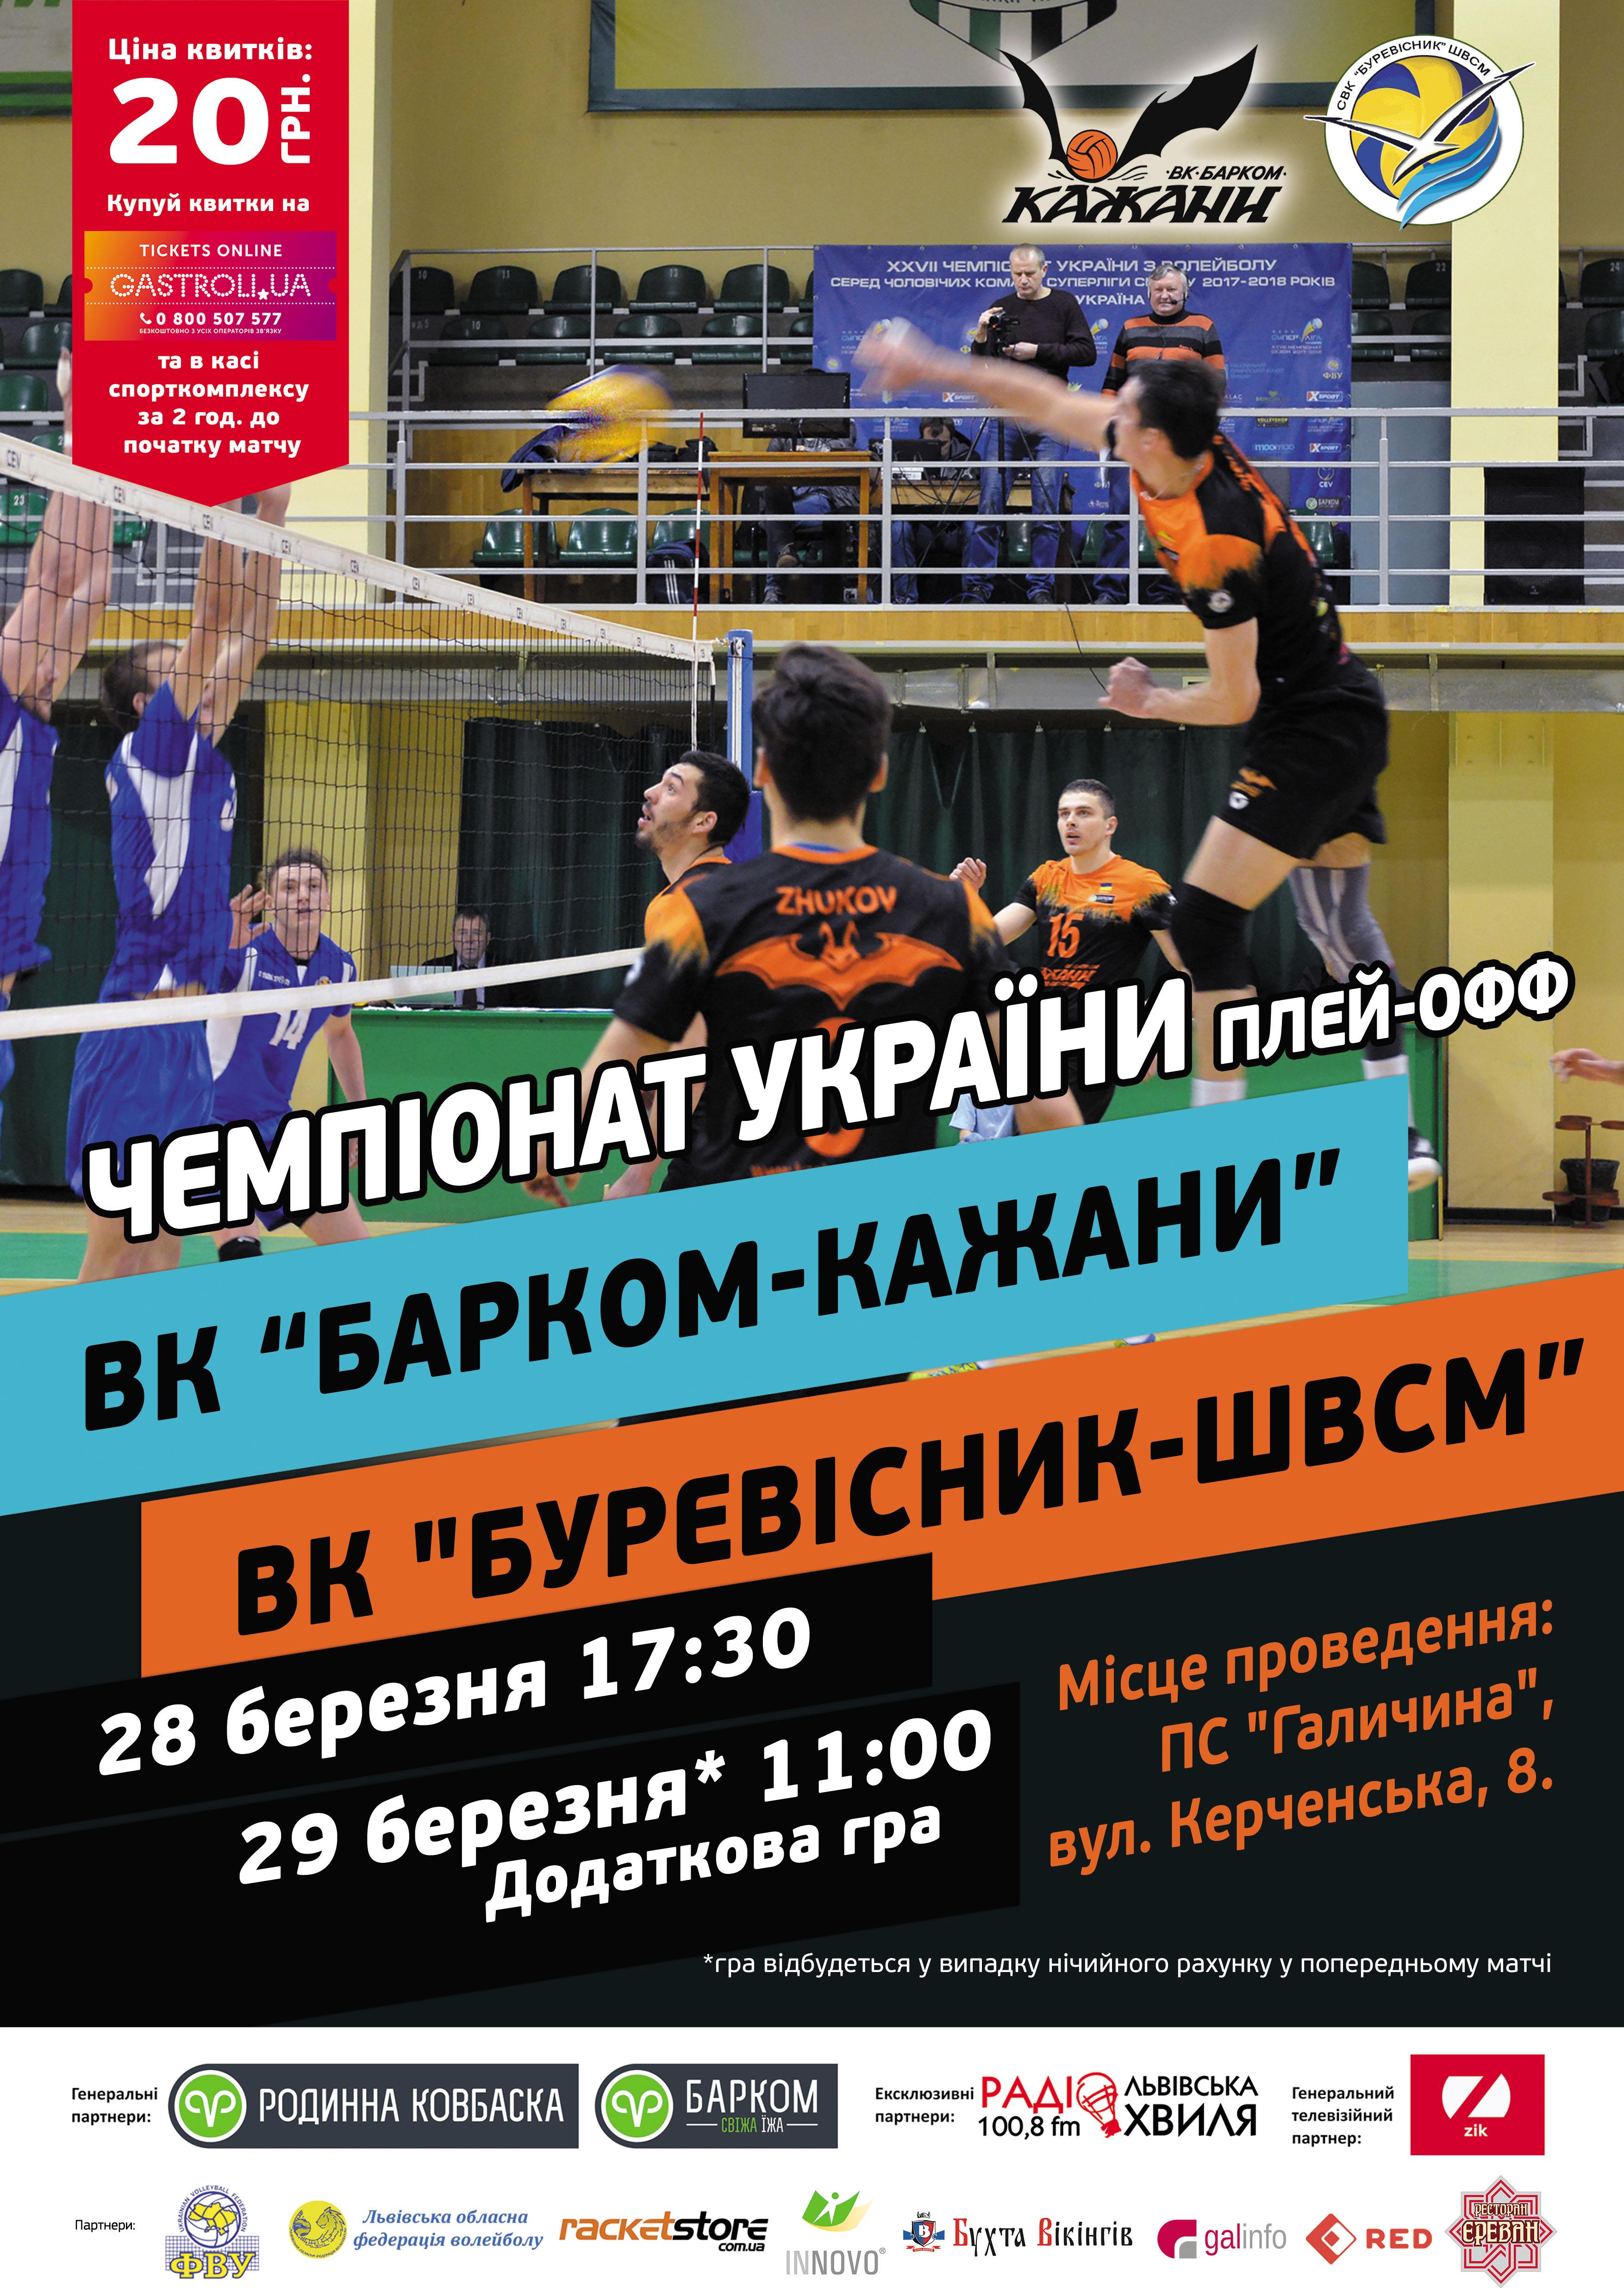 Сьогодні львівські «кажани» проведуть домашній матч плей-офф